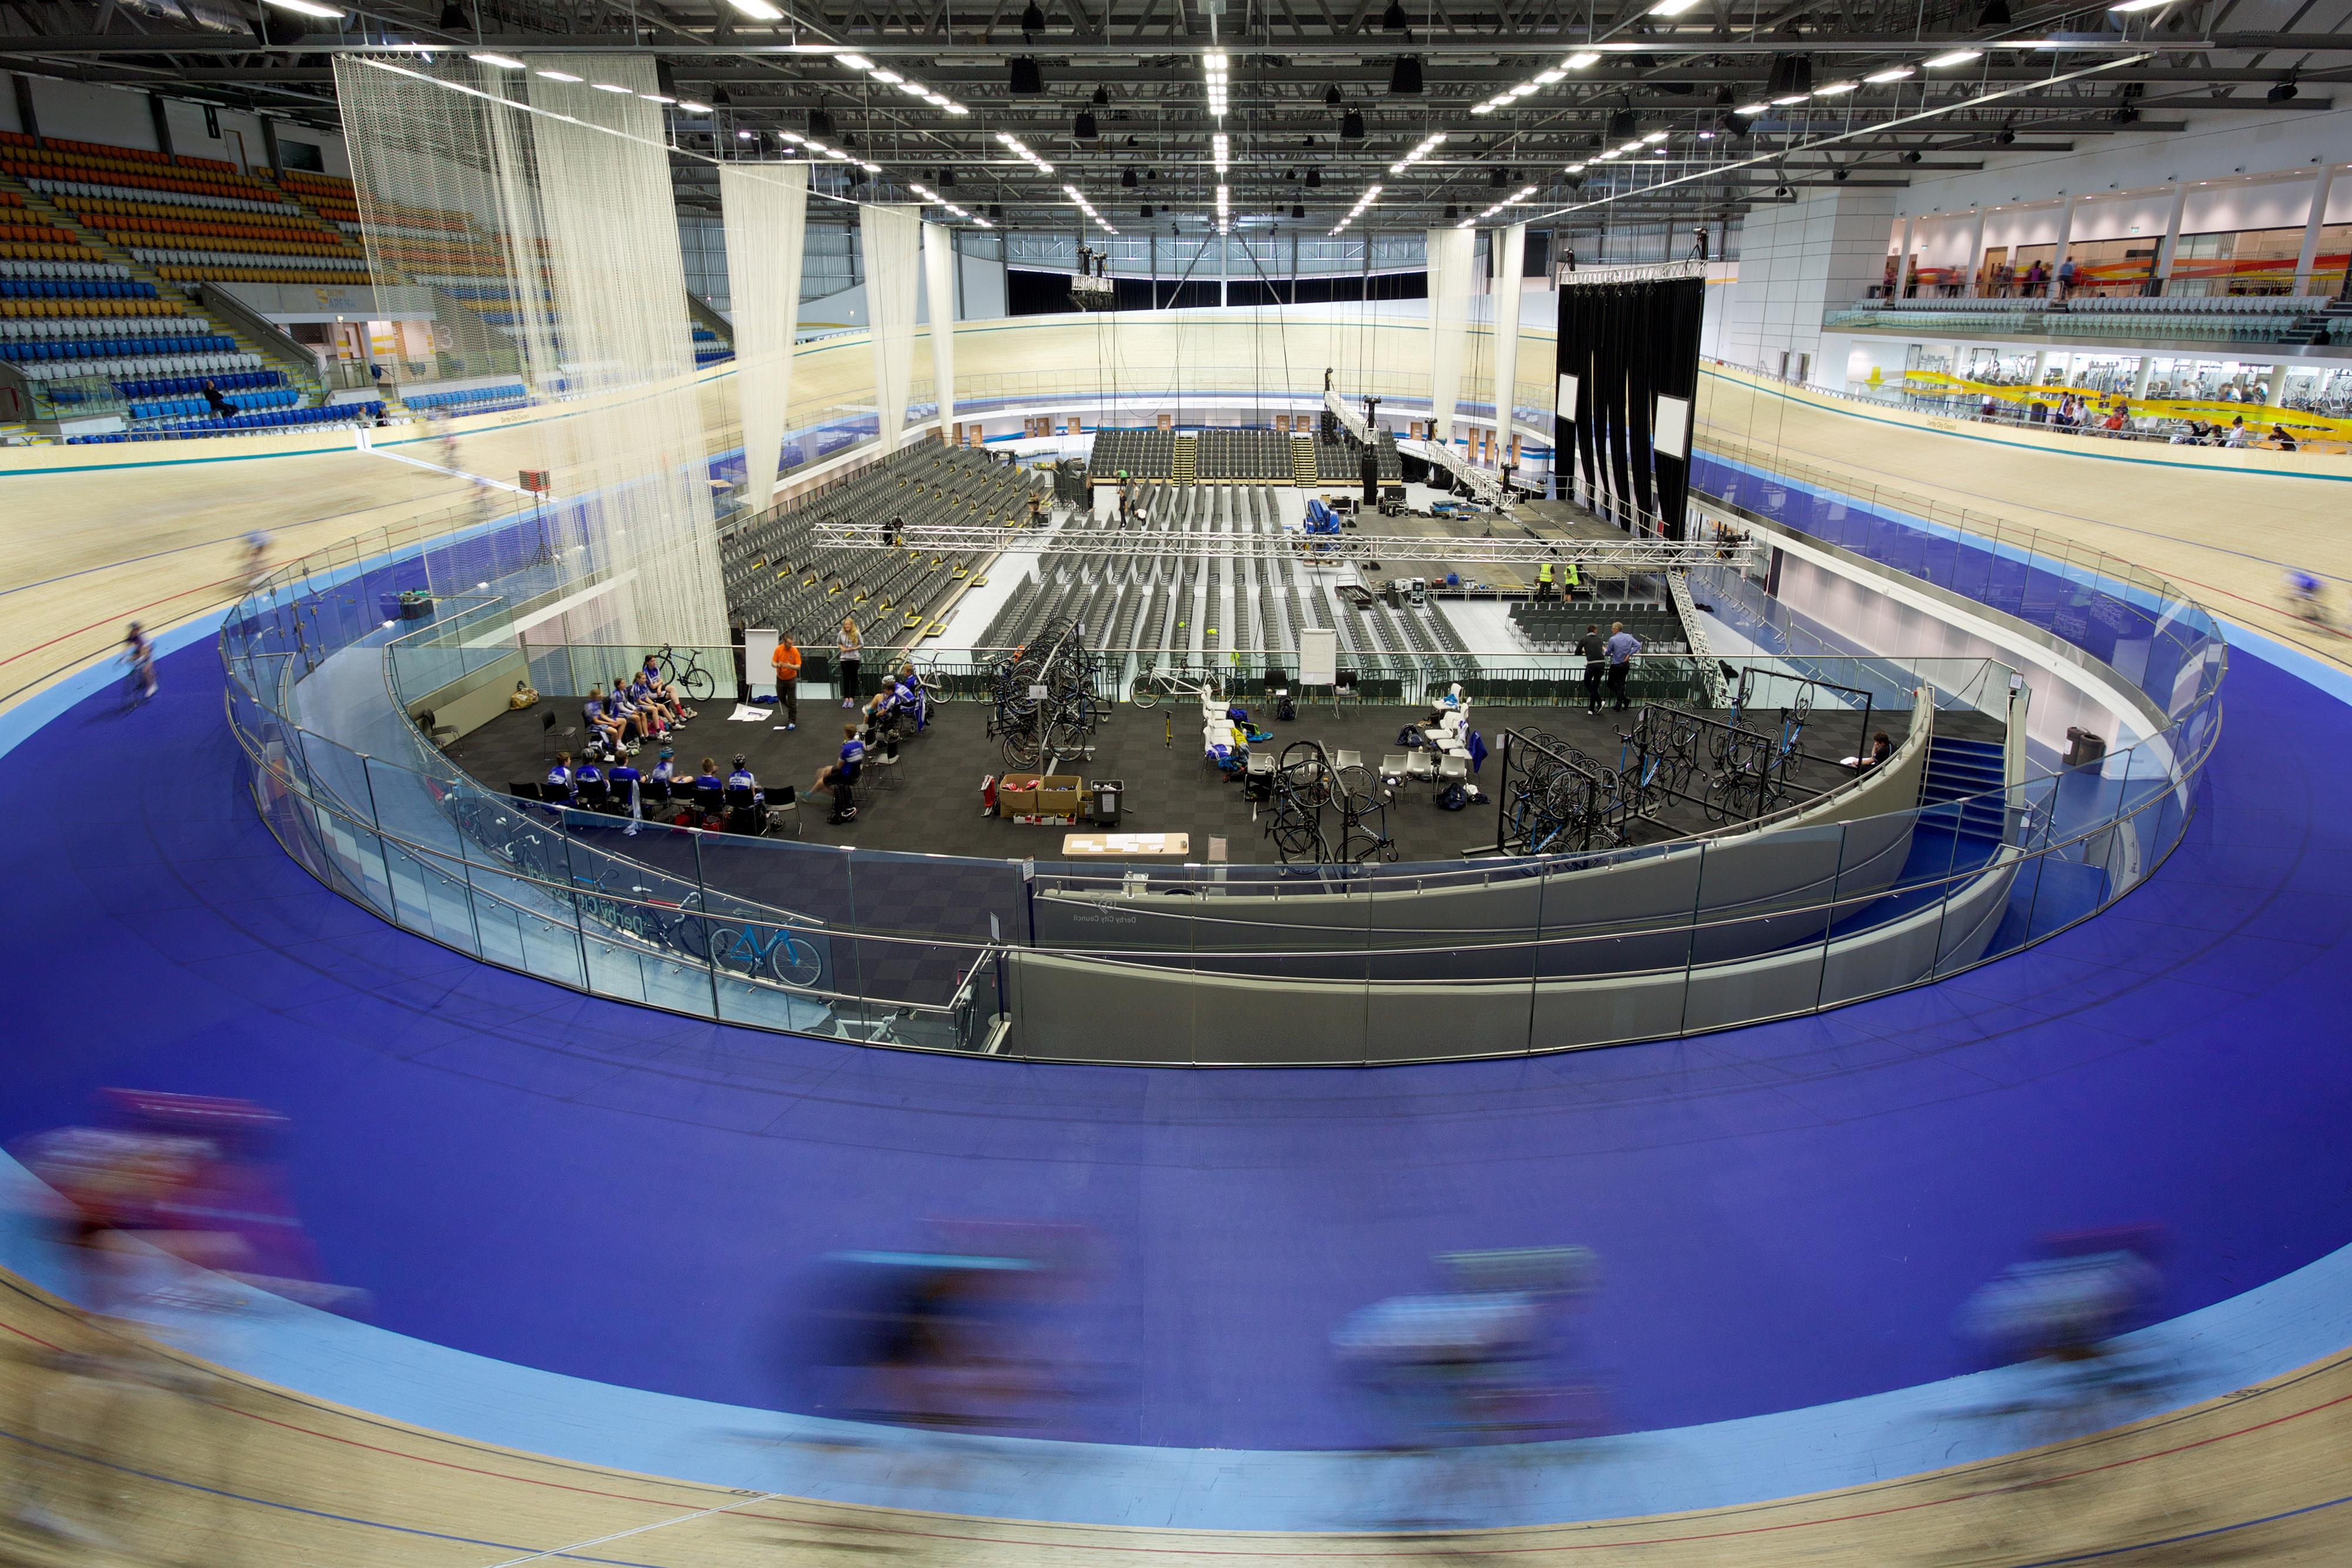 Derby Arena 5